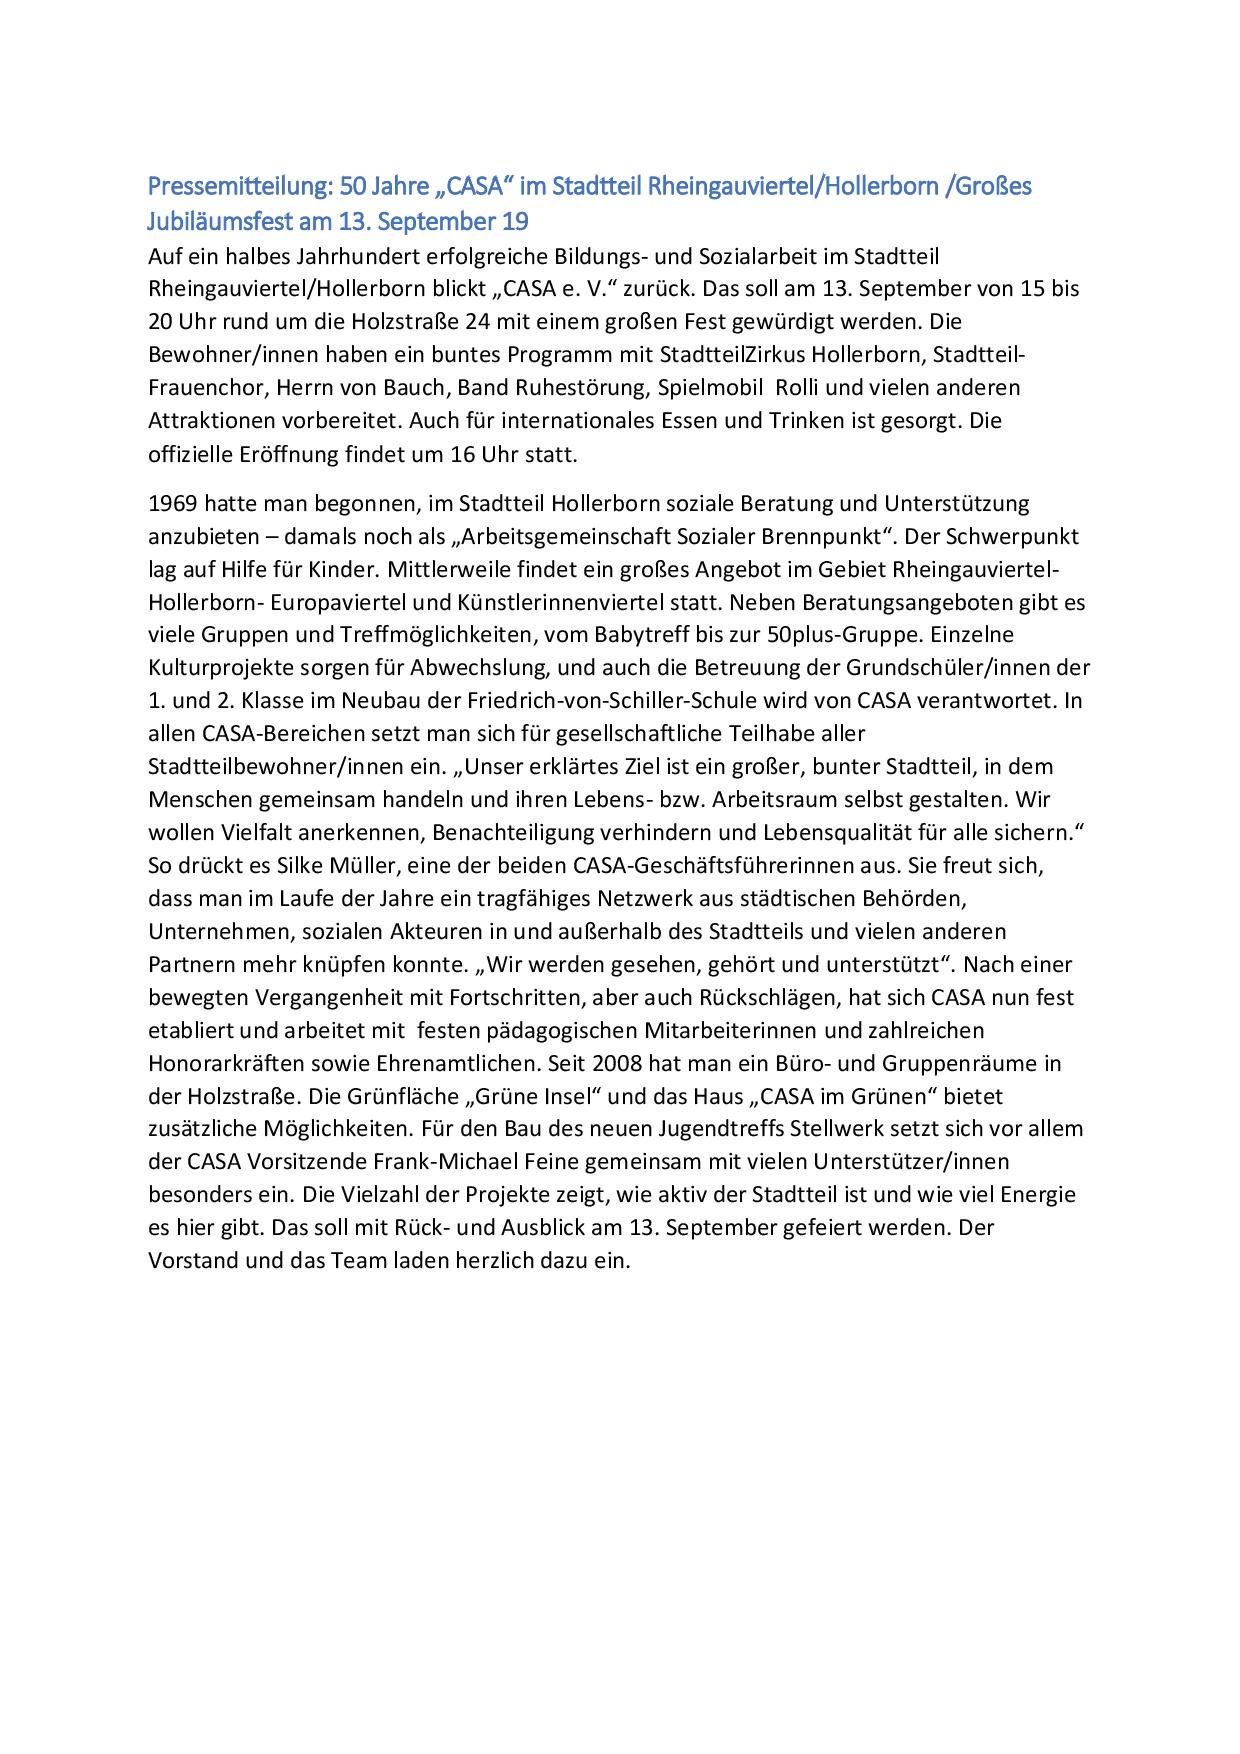 2019-09-05 Jubiläumsfest 50 Jahre Pressemitteilung